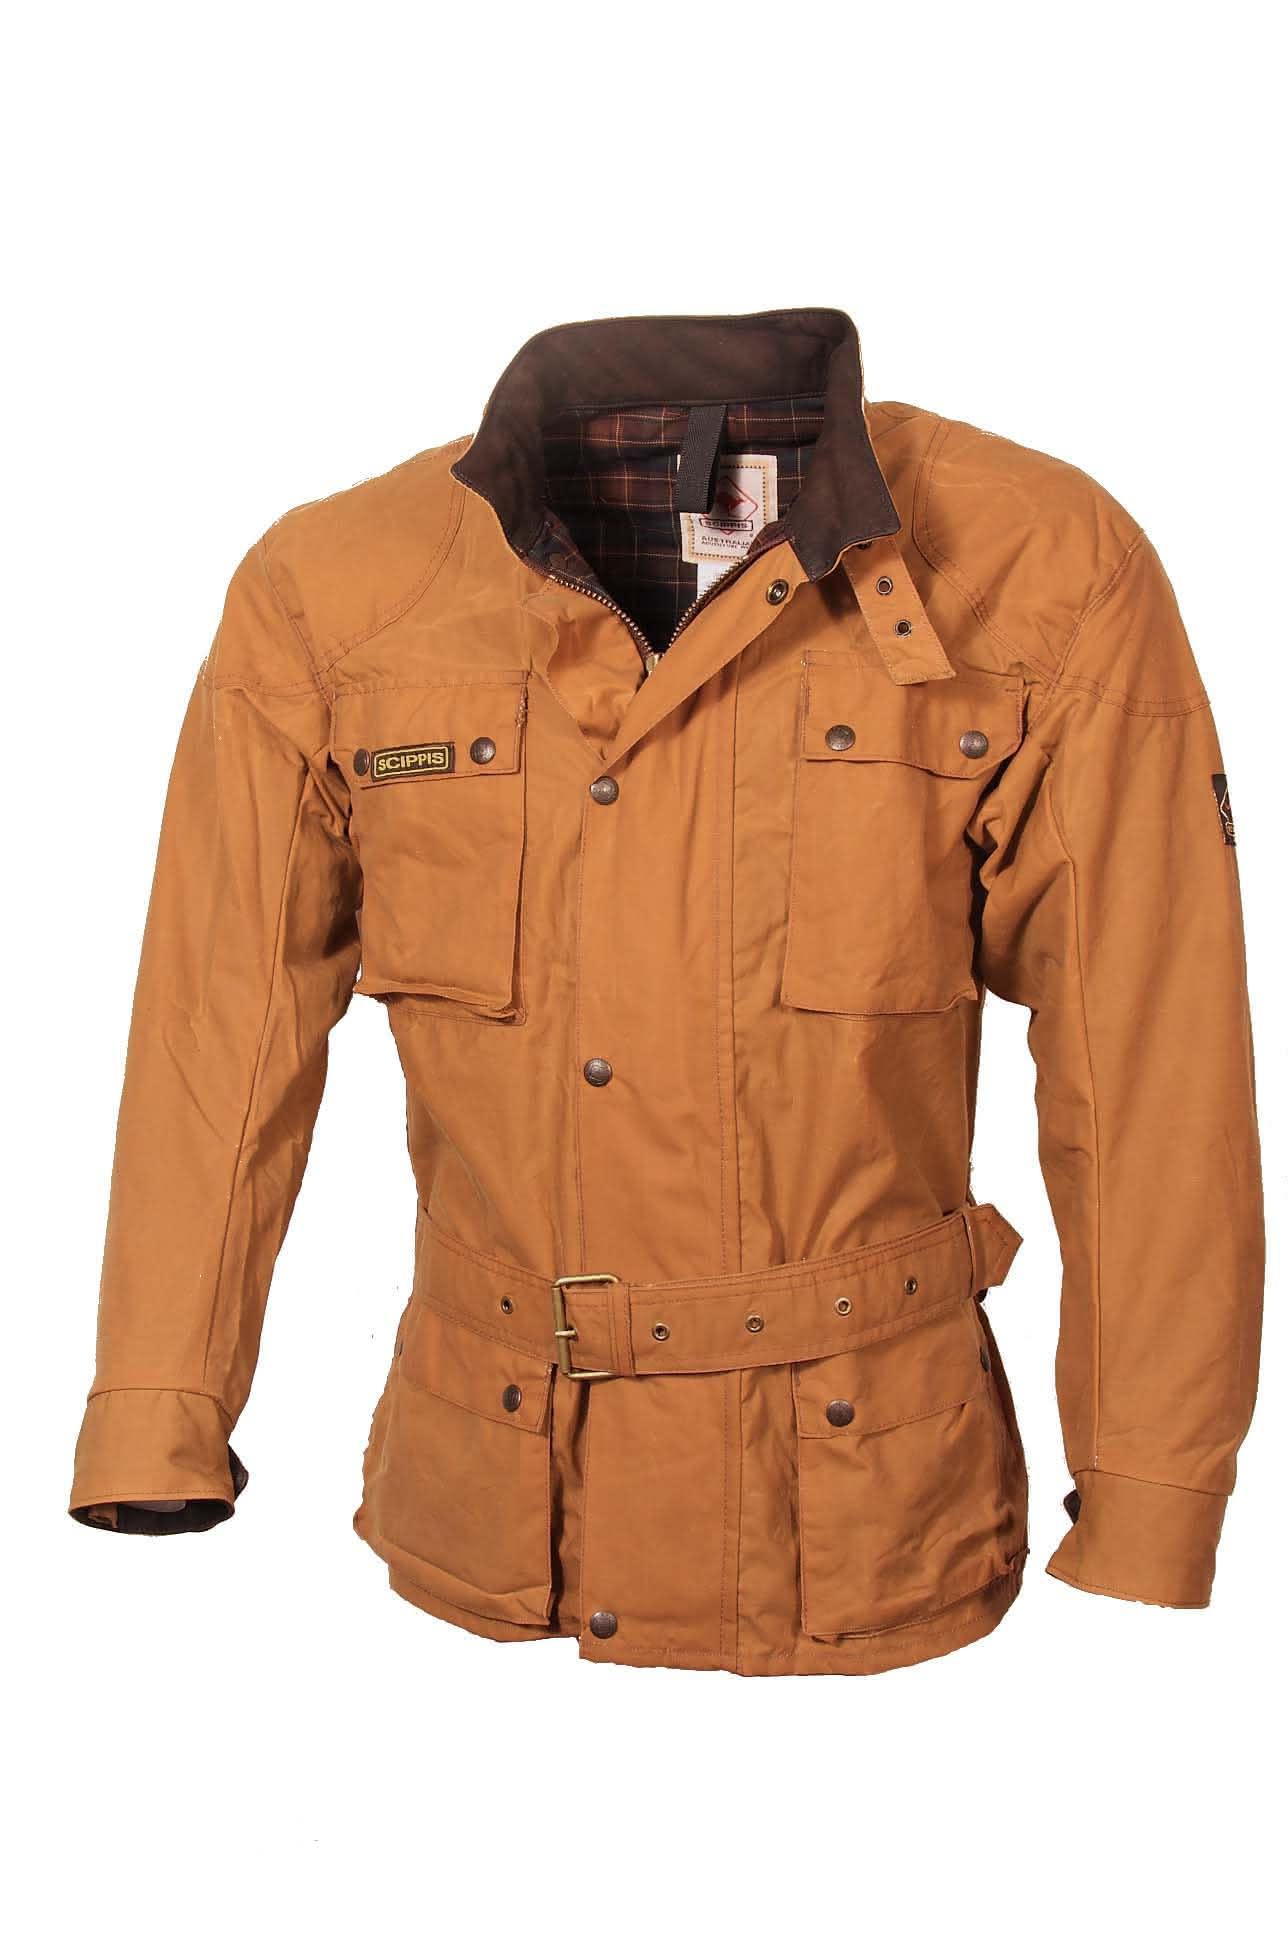 Scippis Belmore Jacket - 2J16 - Tan-M